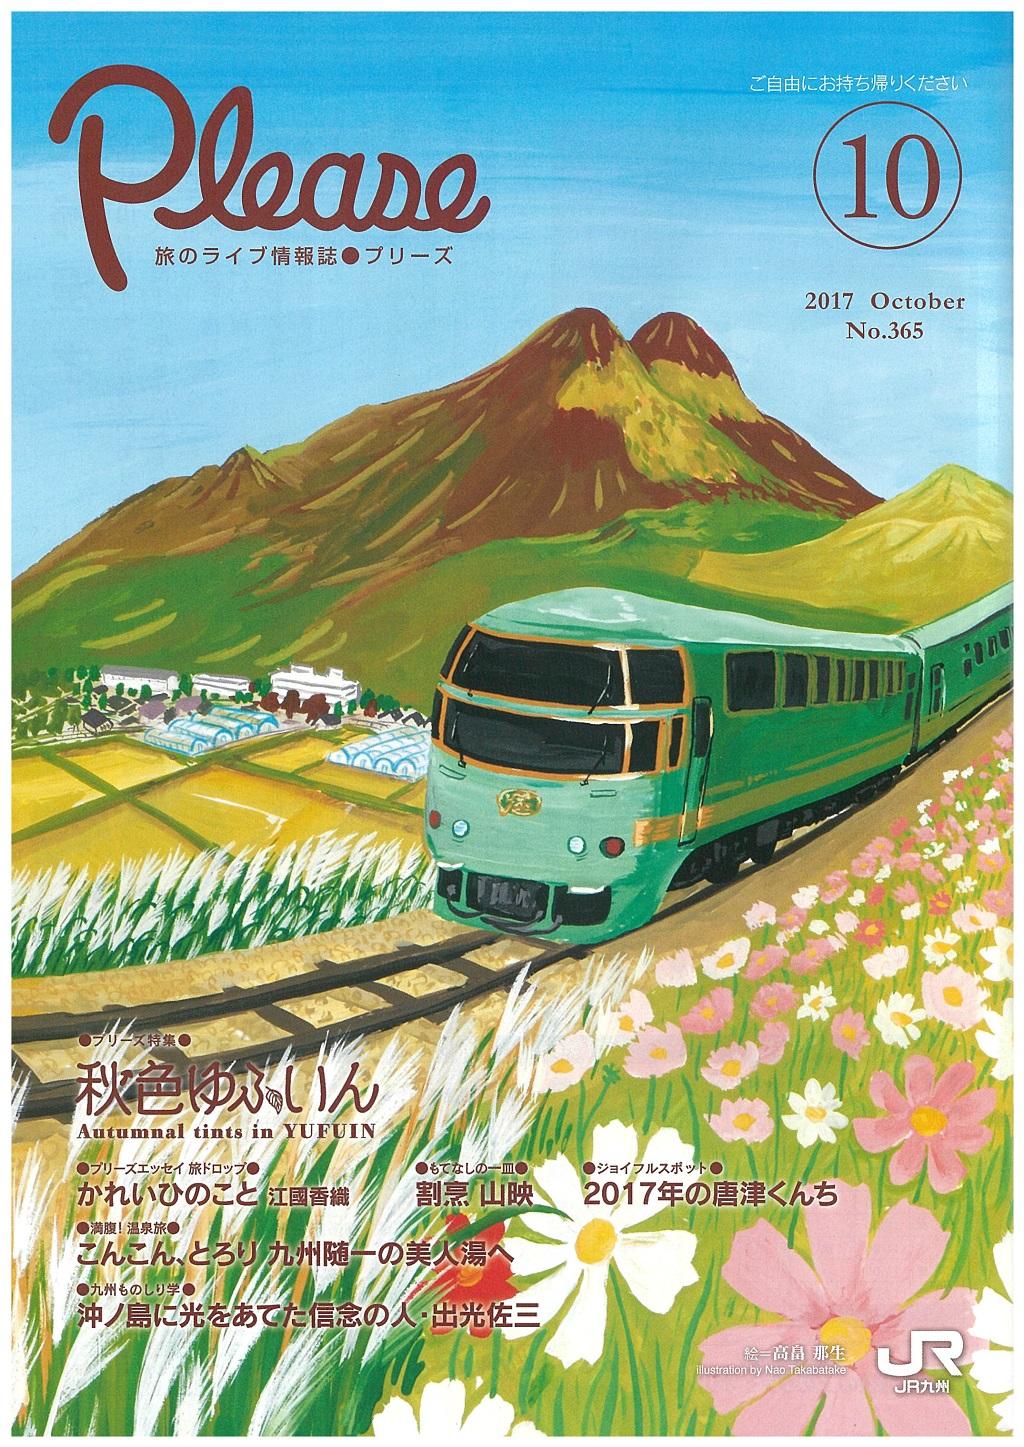 旅のライブ情報誌「Please10月号」